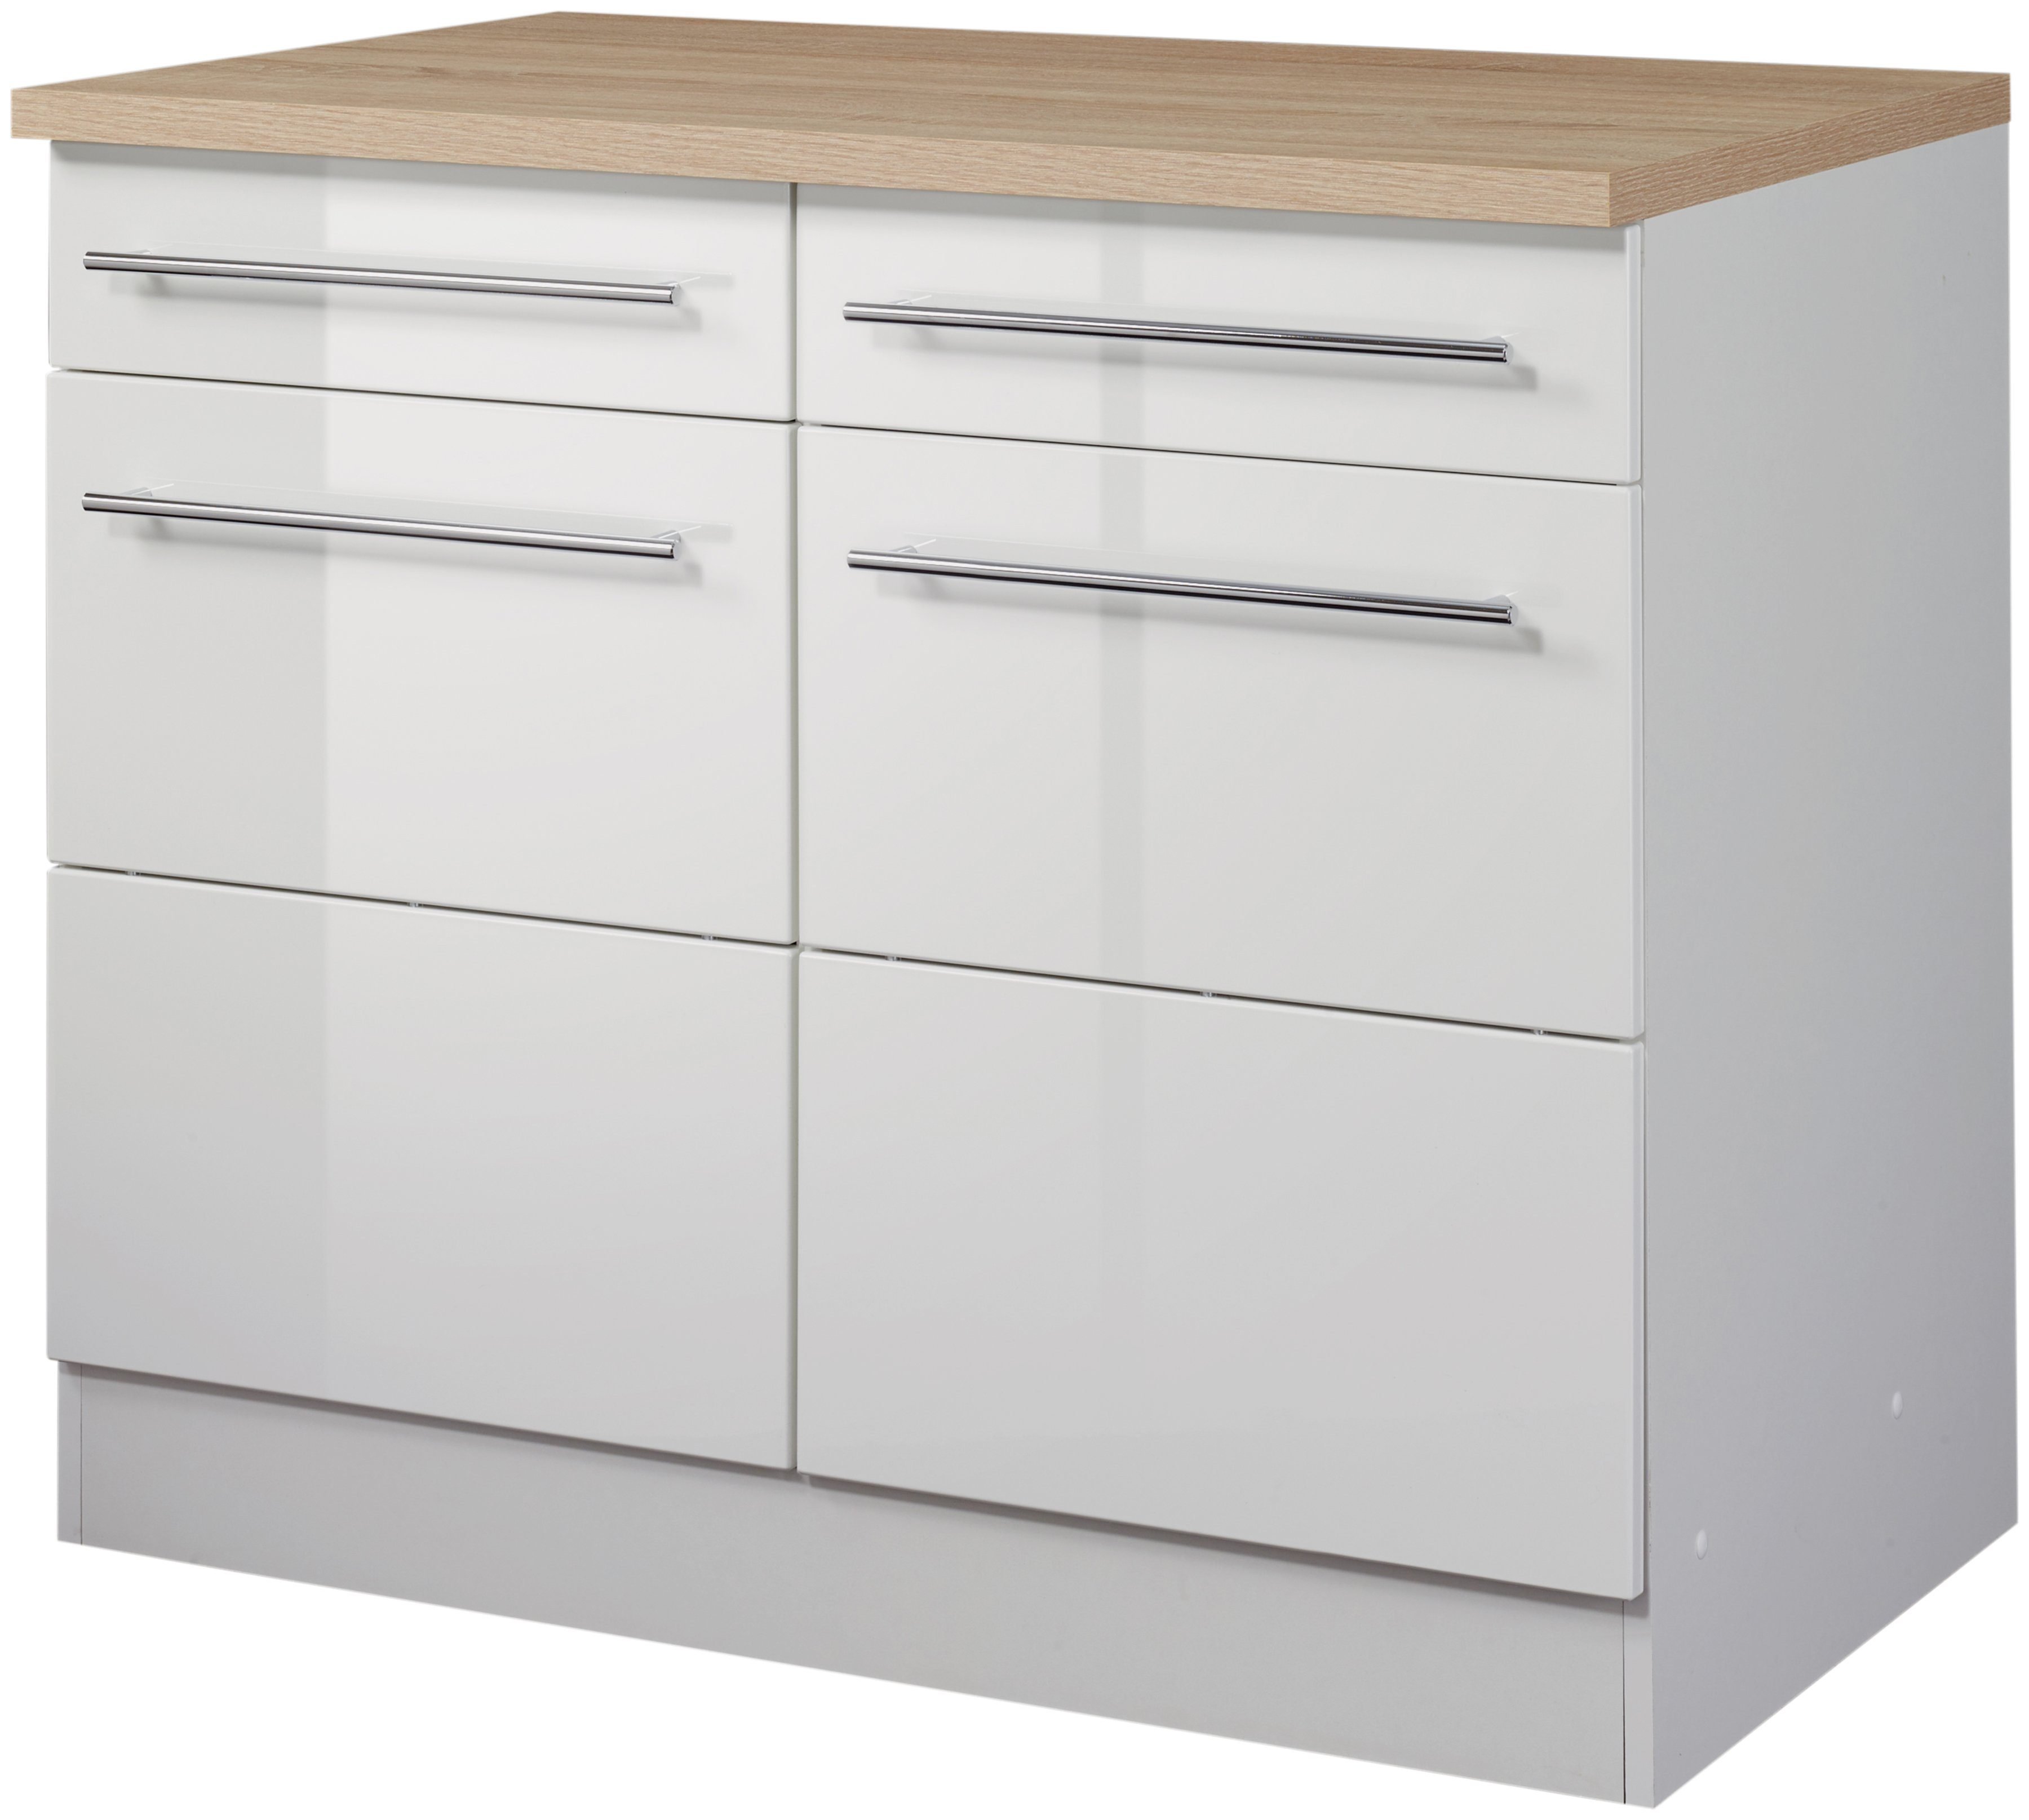 Kuchen Unterschrank Schubladen 80 Ikea Kuchen Unterschrank 80 Cm